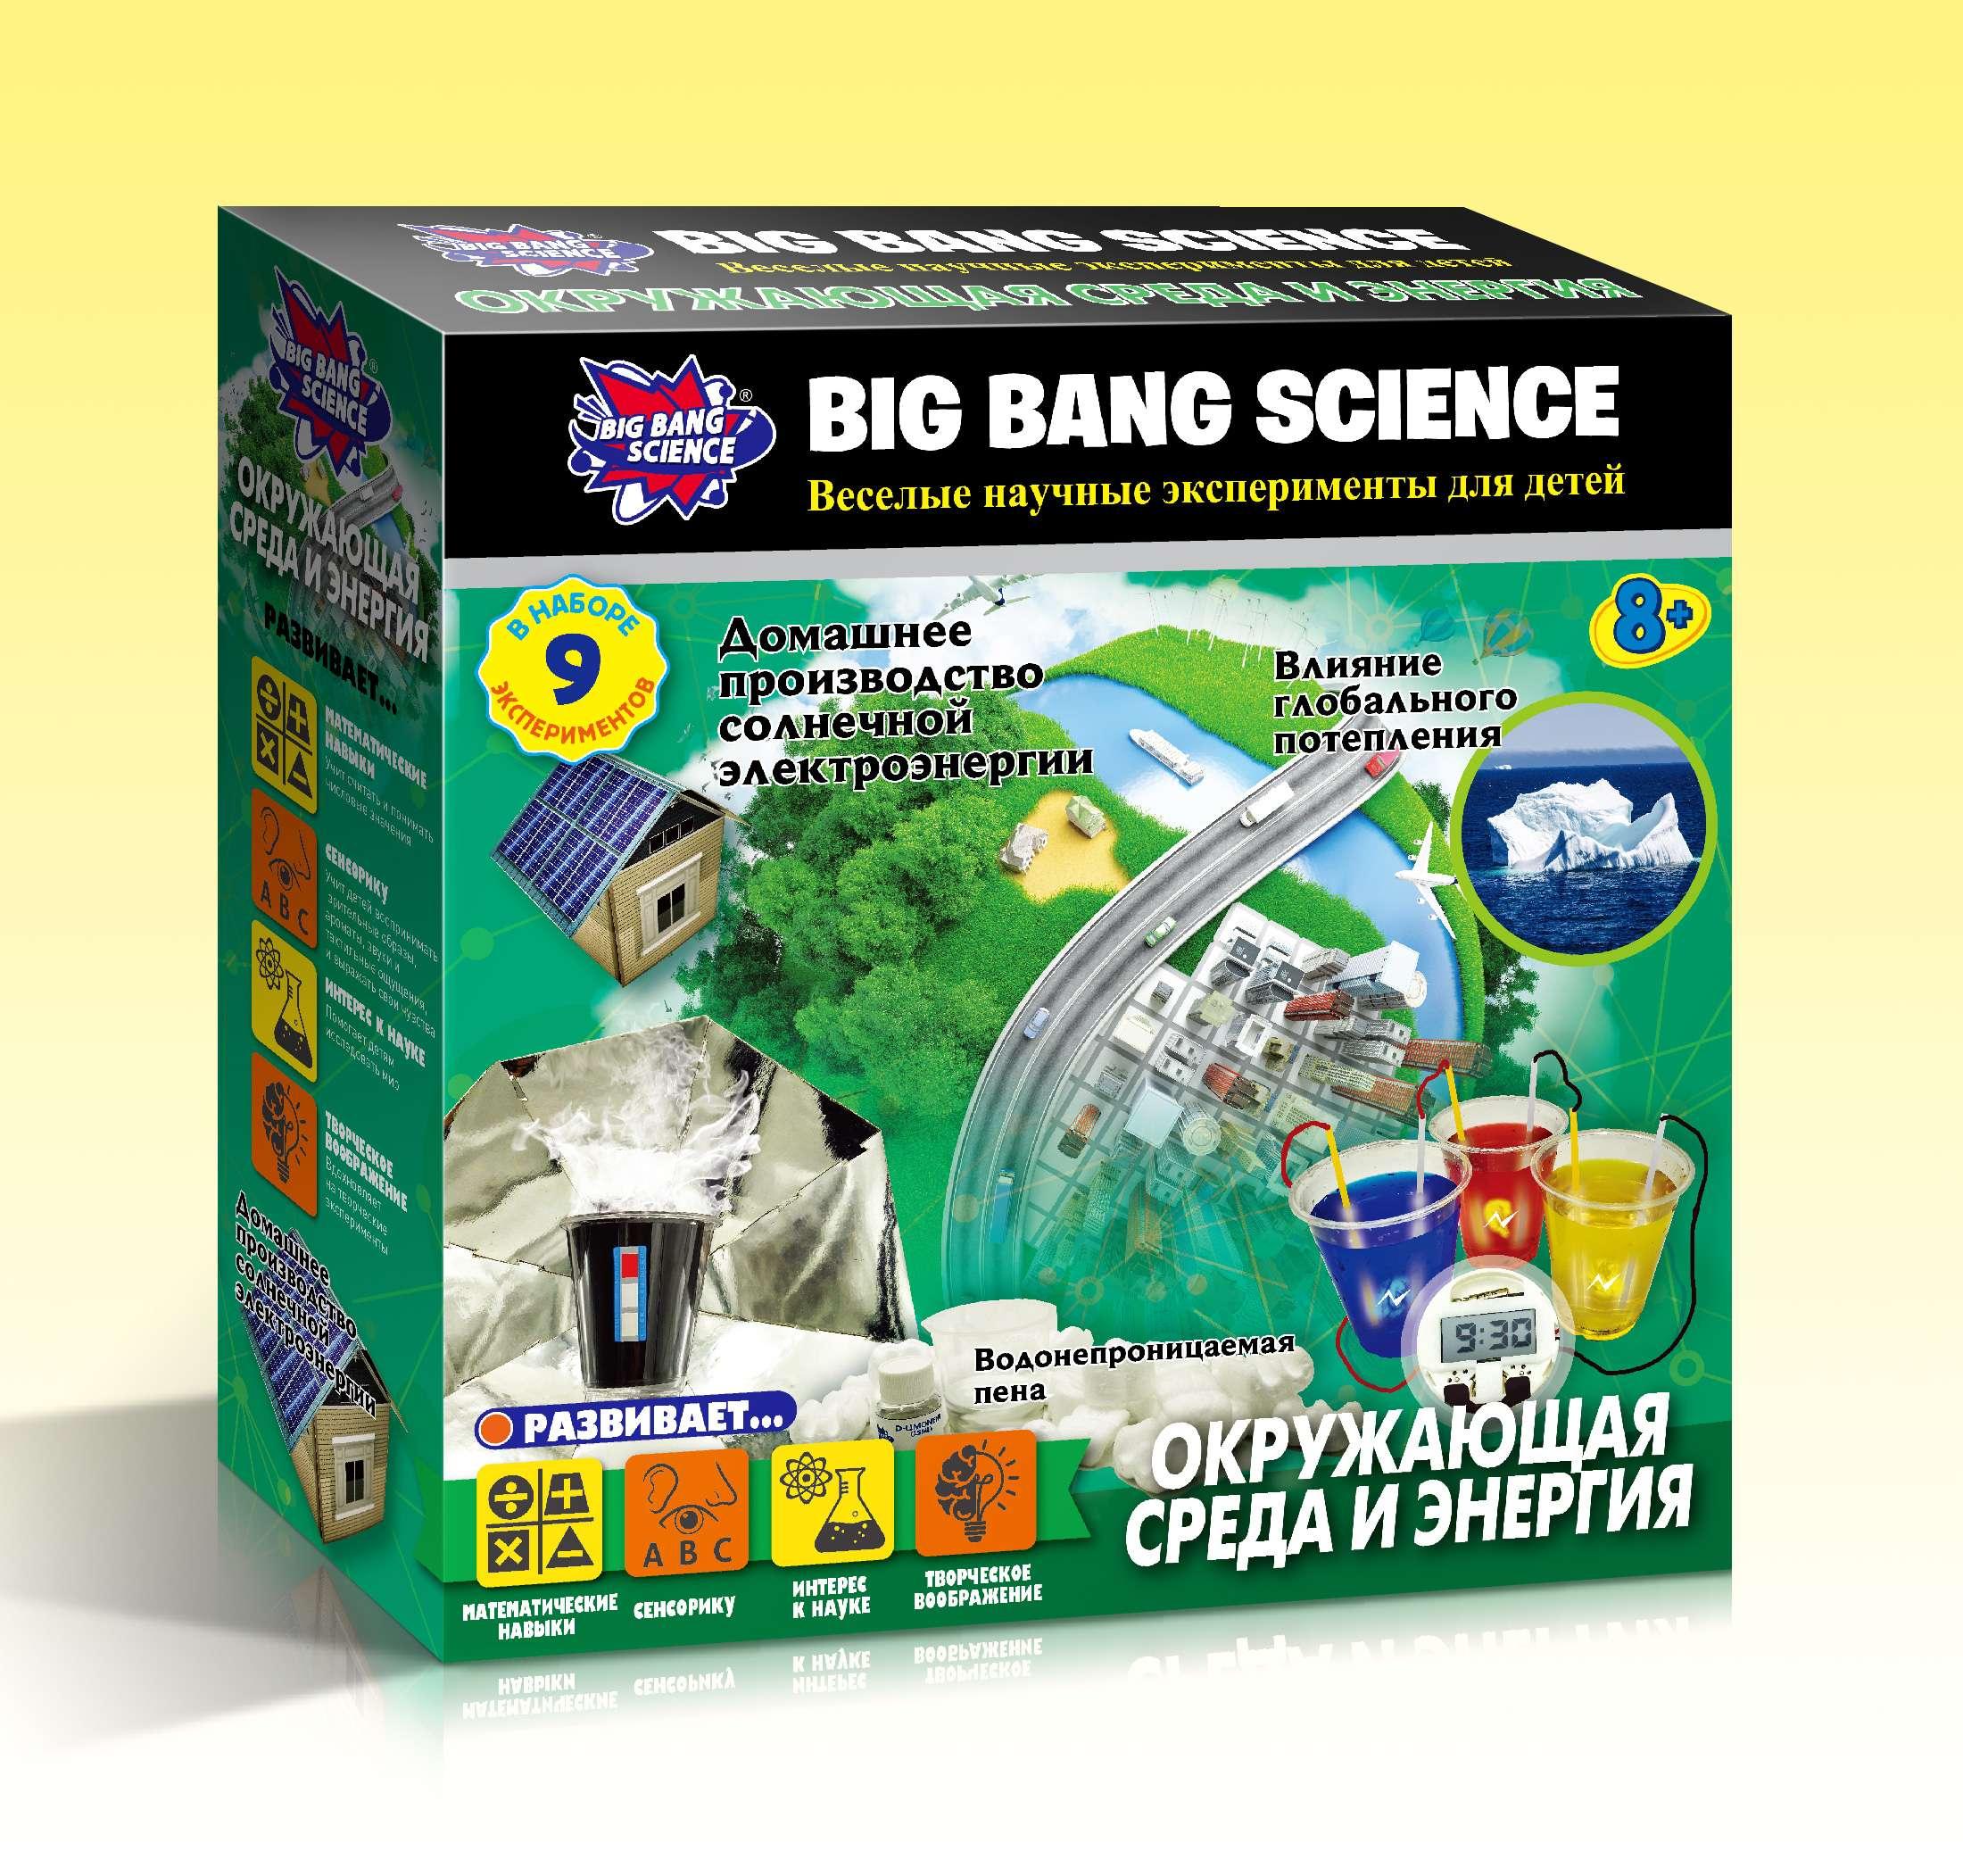 Набор для исследования BIG BANG SCIENCE Окружающая среда и энергия